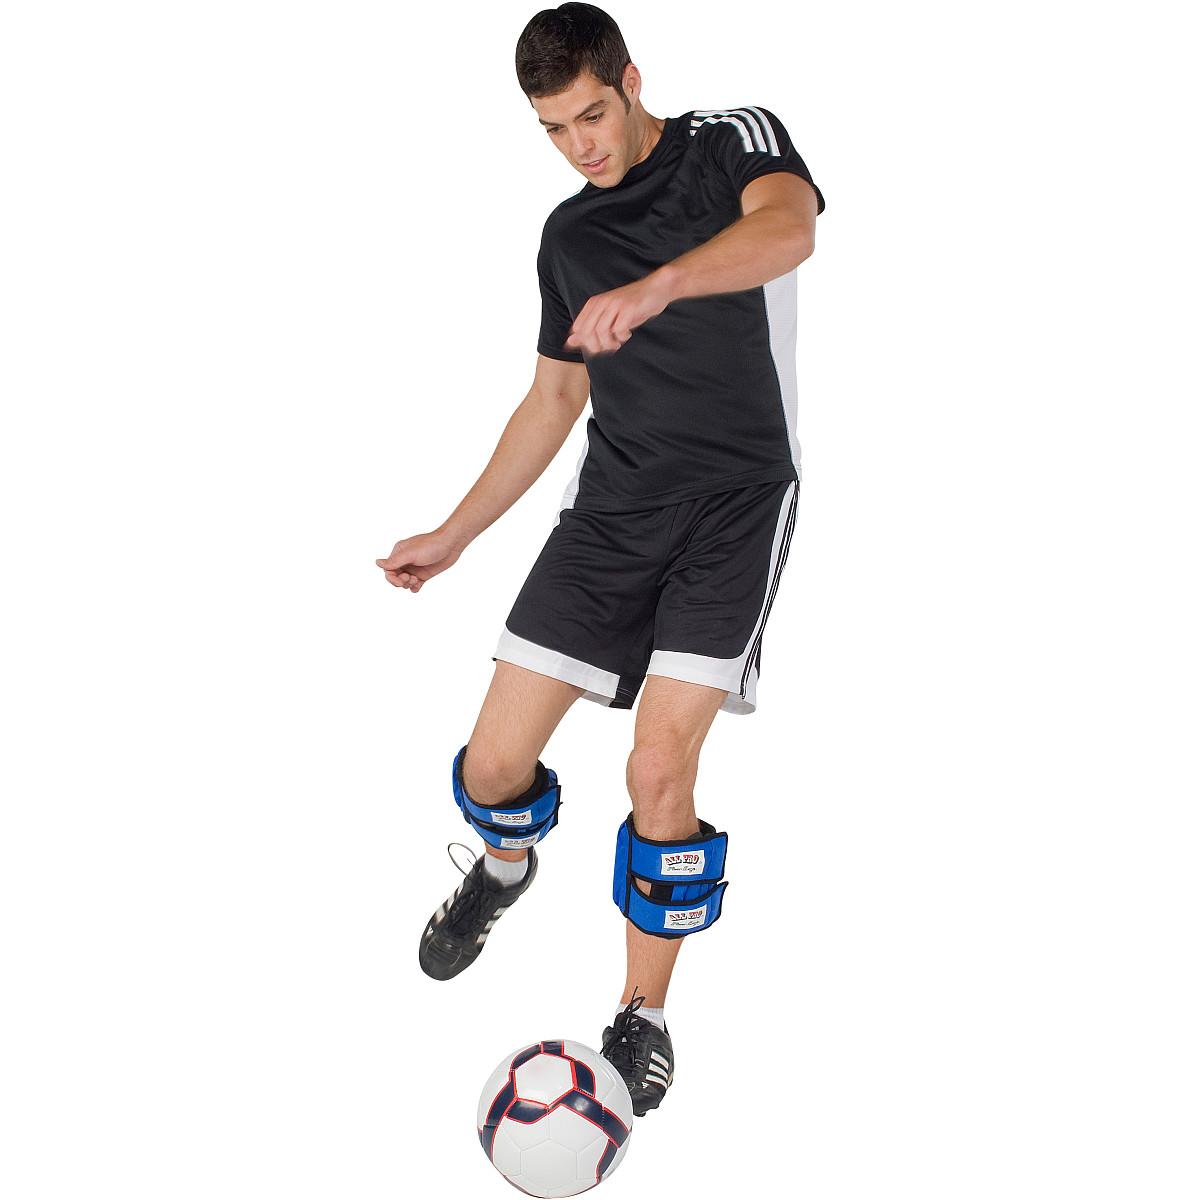 การใช้ wrist weight ชุดถ่วงน้ำหนัก เล่นฟุตบอล